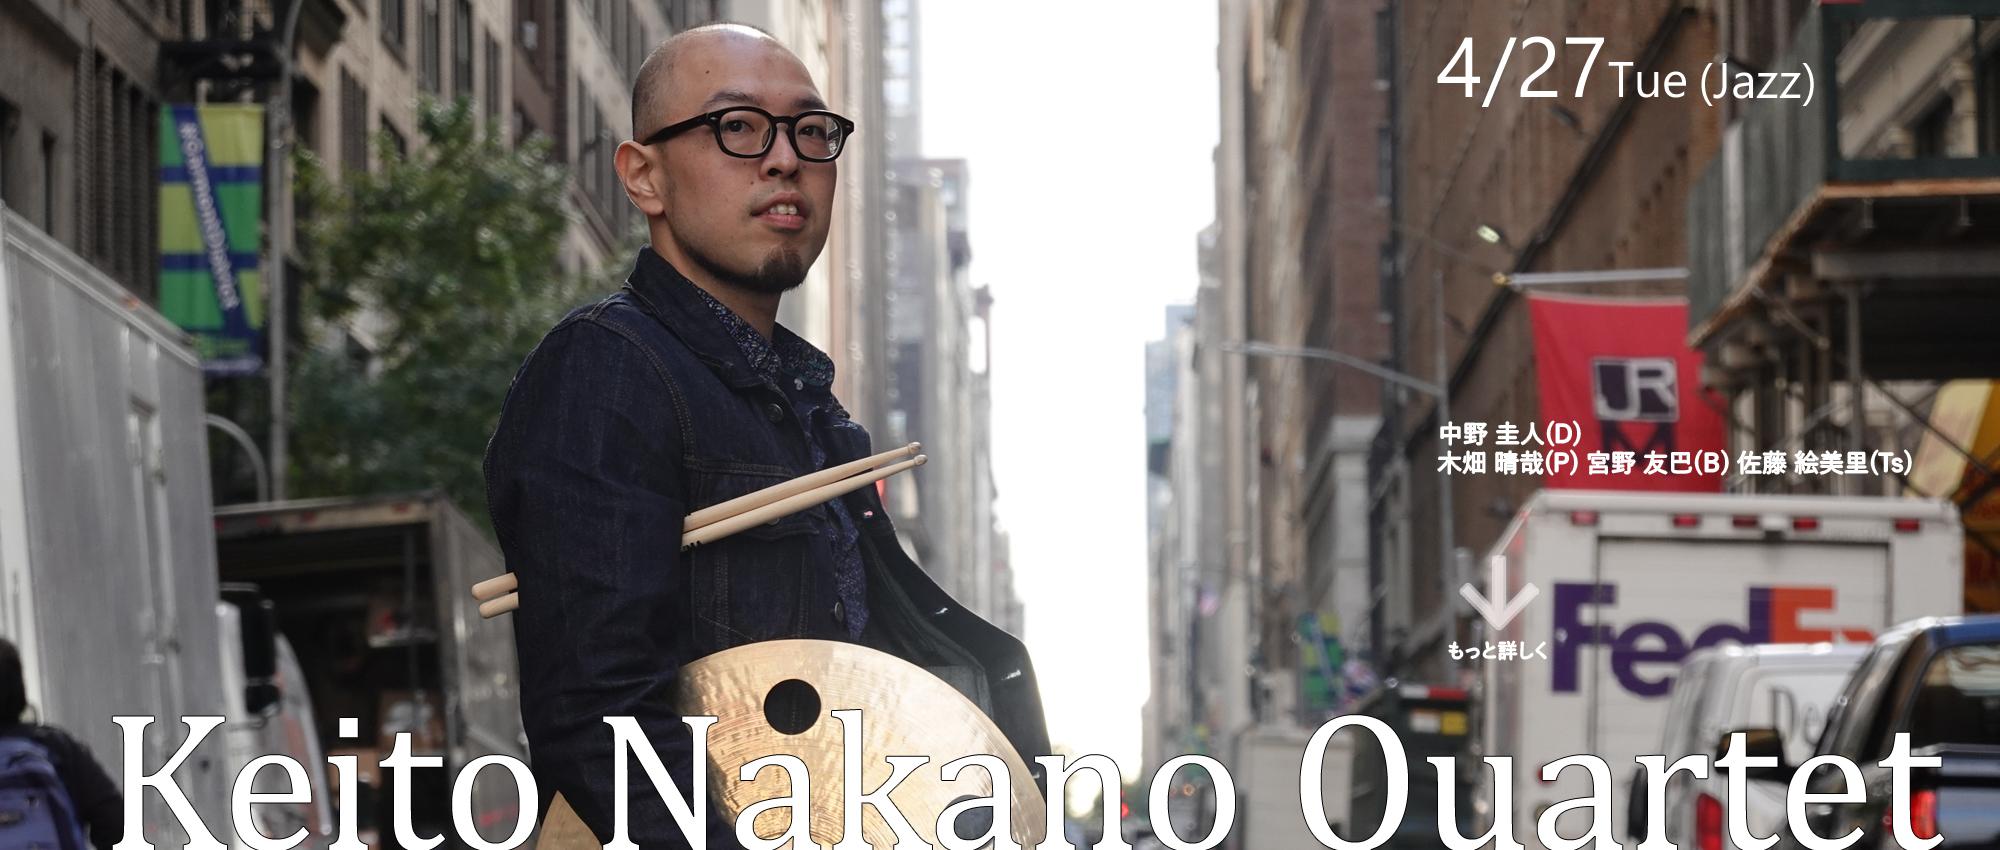 Keito Nakano Quartet